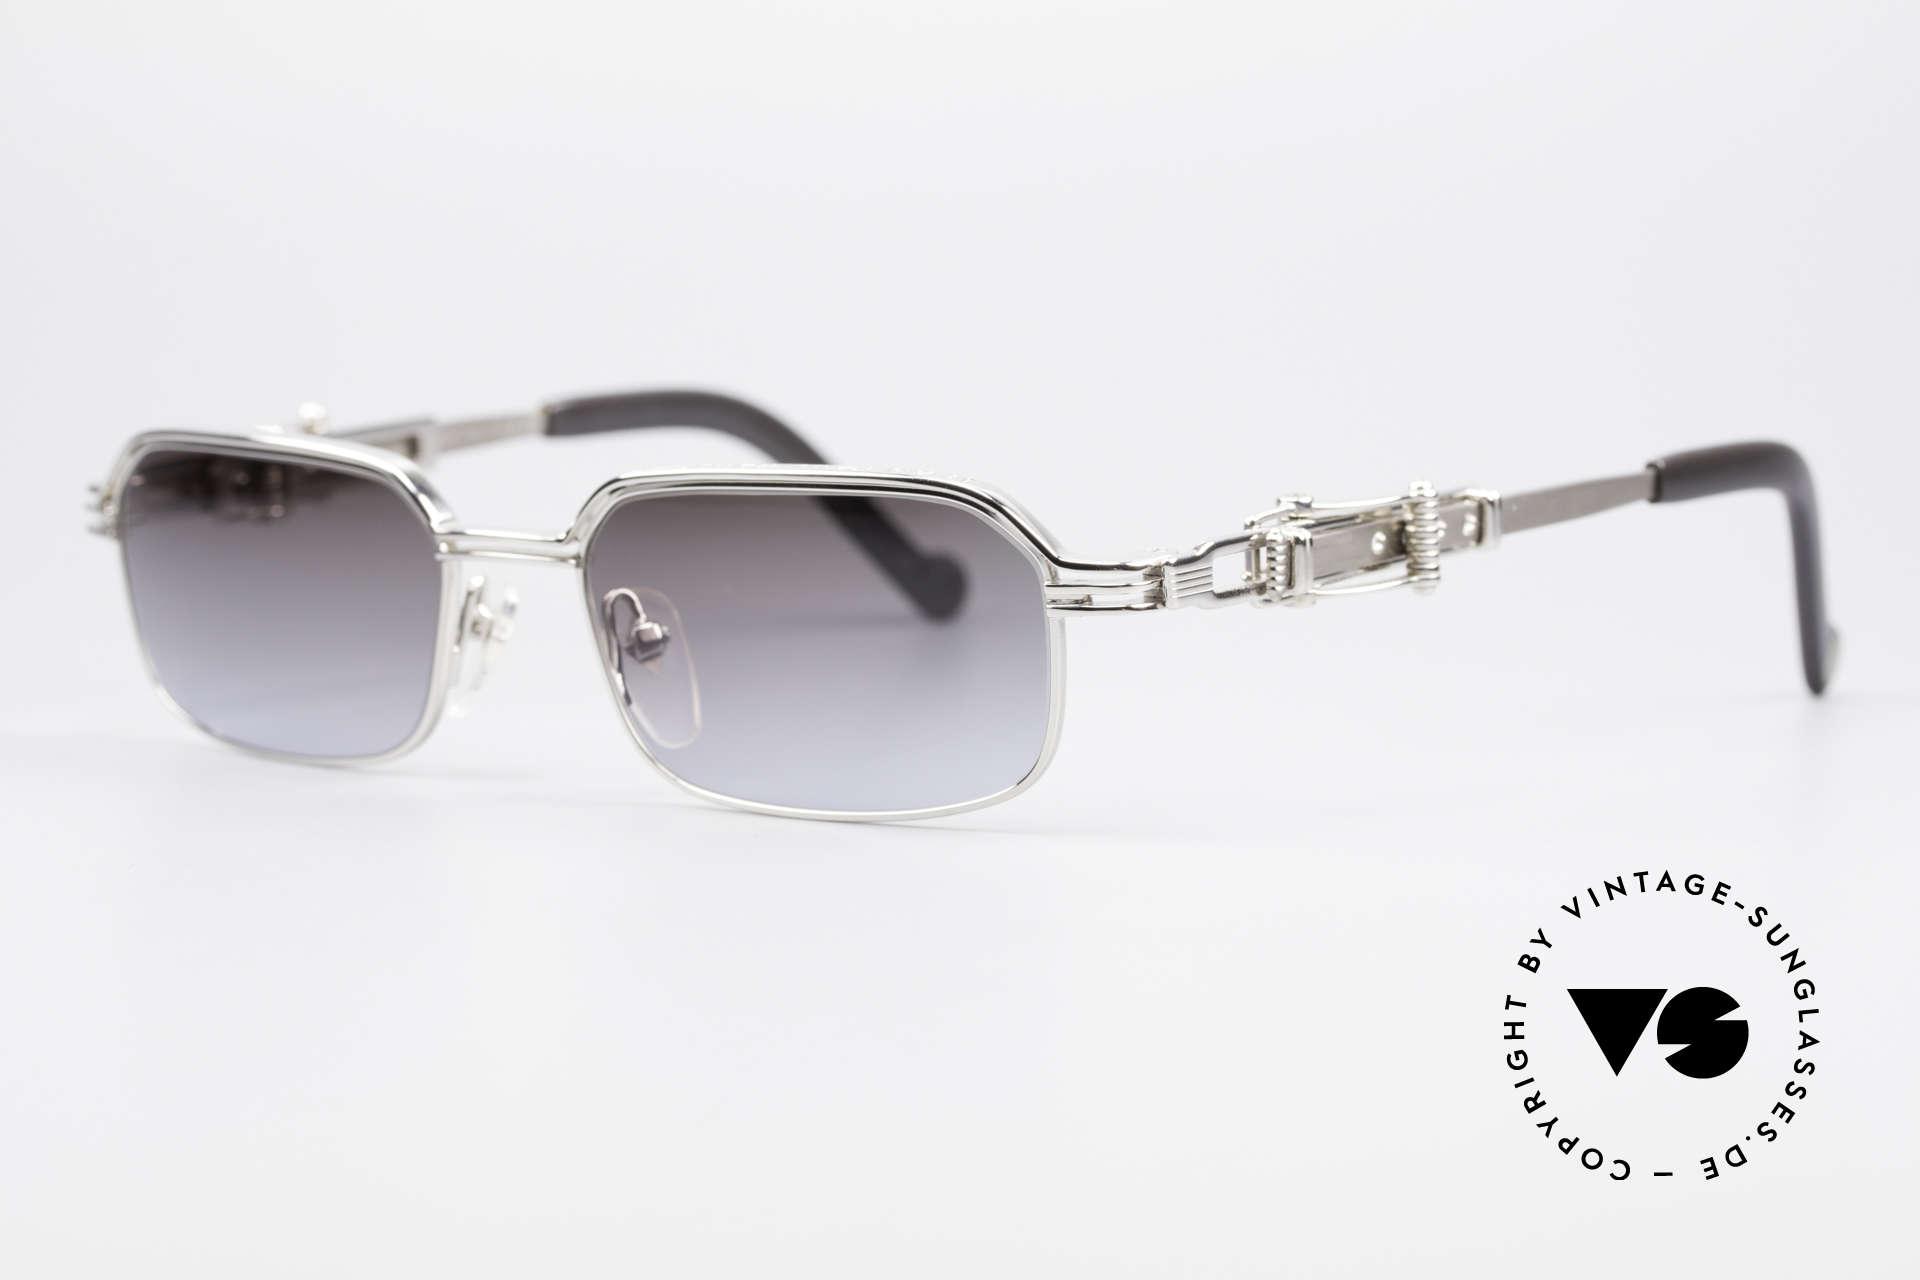 Jean Paul Gaultier 56-0002 Belt Buckle Frame Adjustable, adjustable temple-system looks like a belt buckle, Made for Men